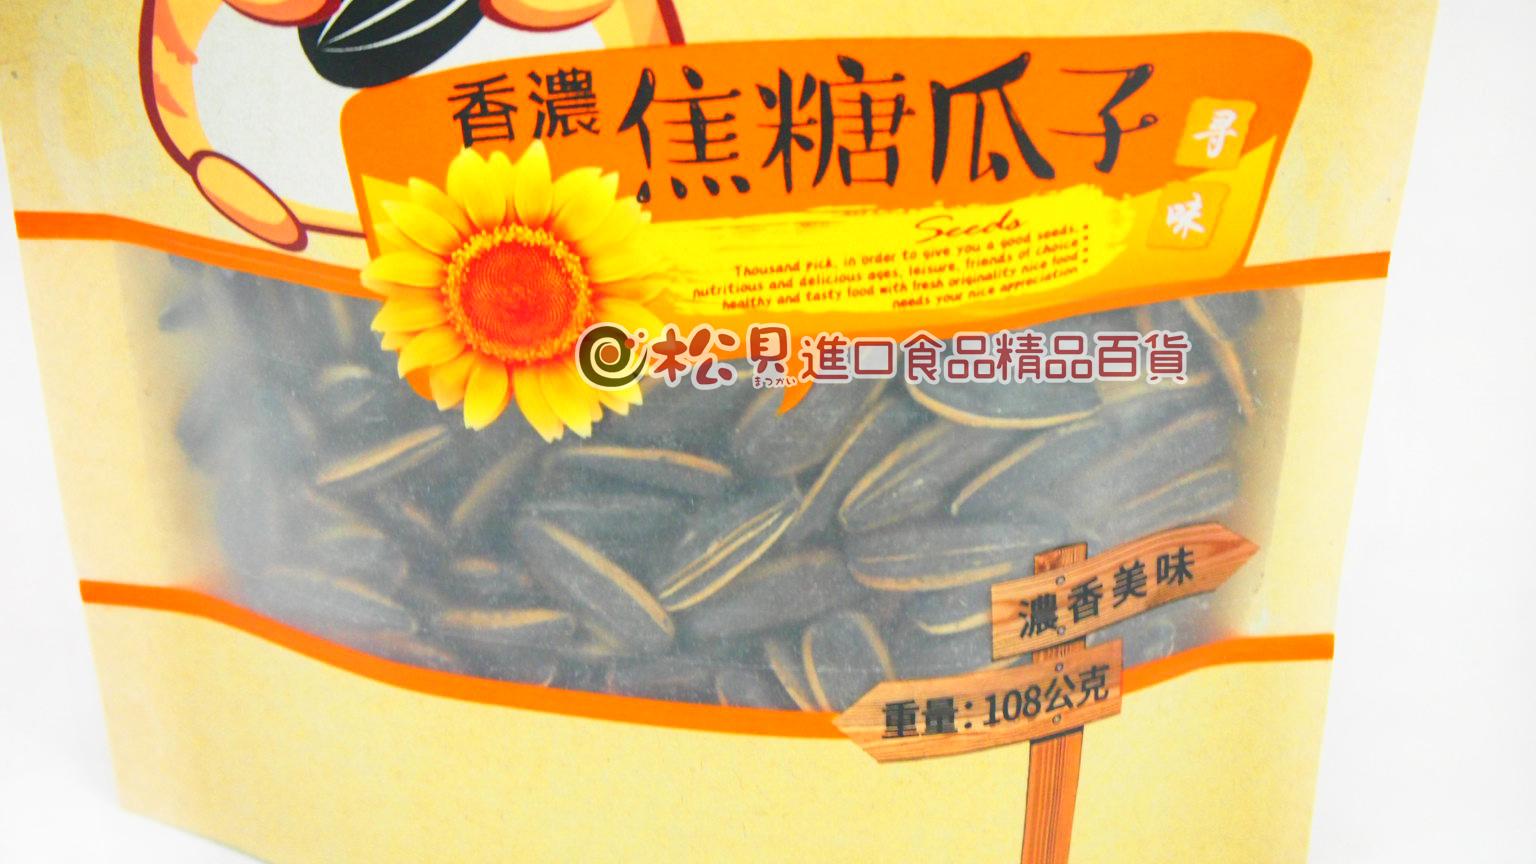 日日旺香濃焦糖瓜子108g.jpg